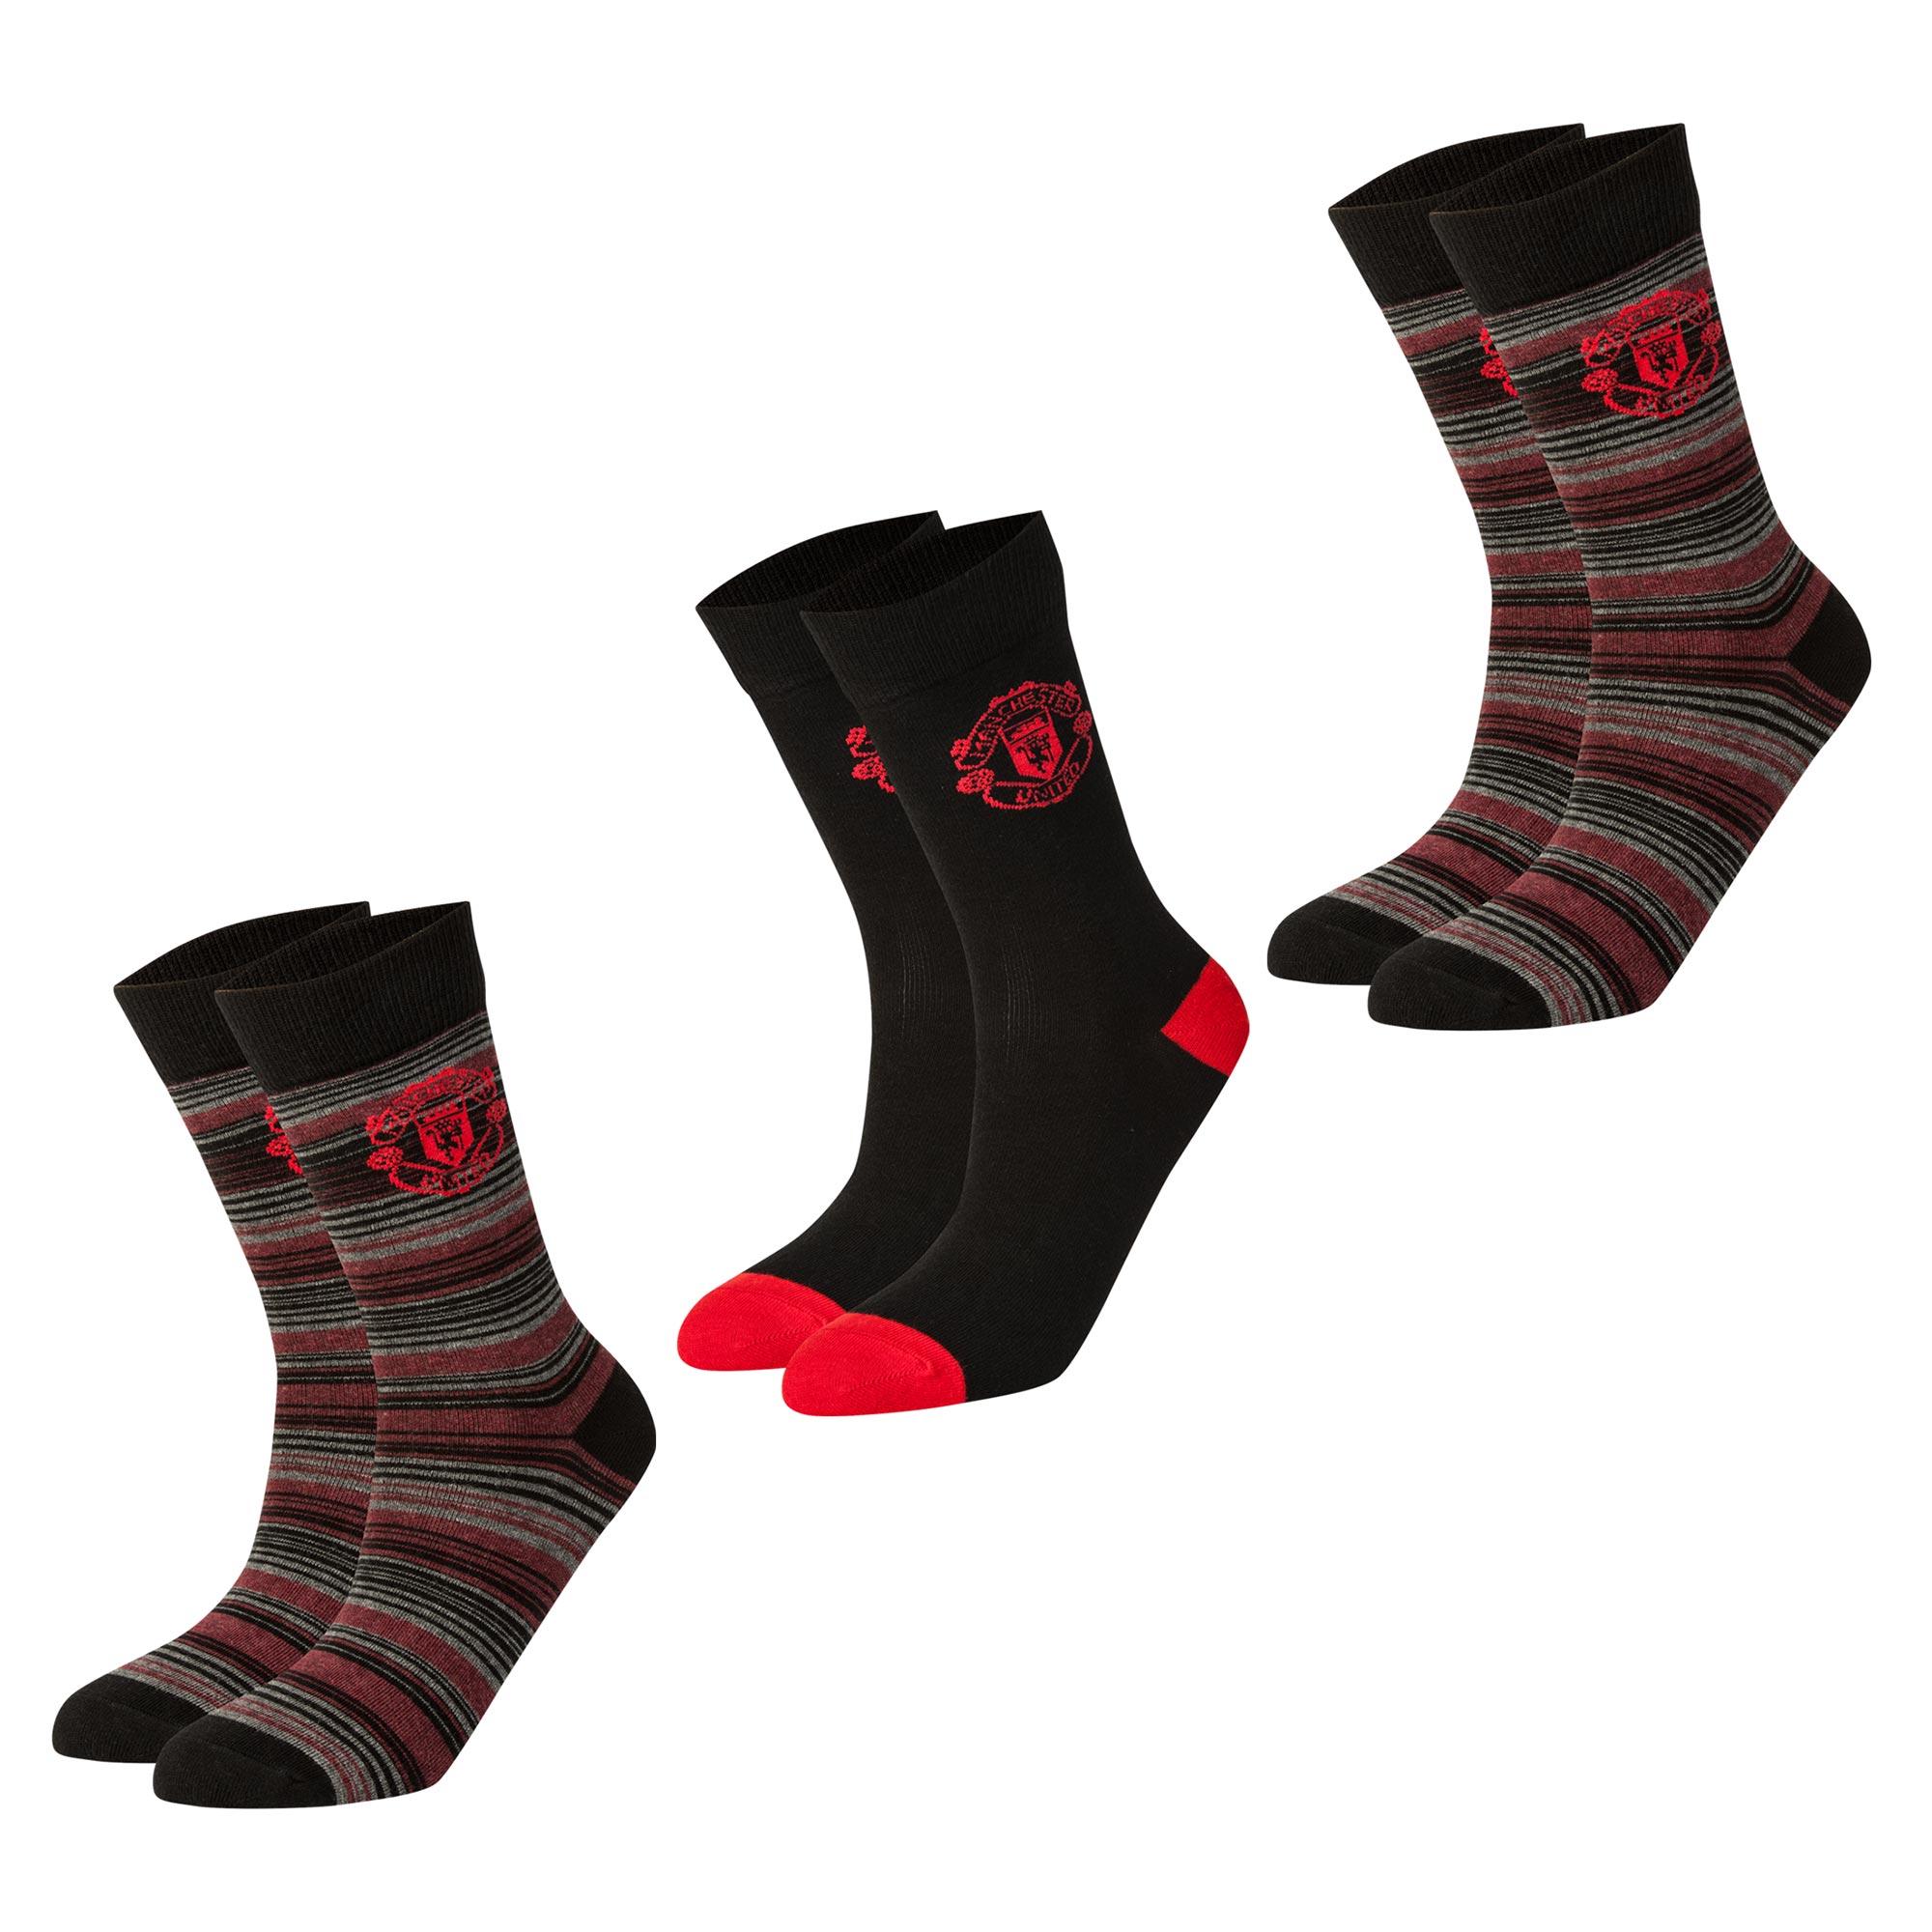 Manchester United 2 PK Crest Socks - Black/Red - Kids